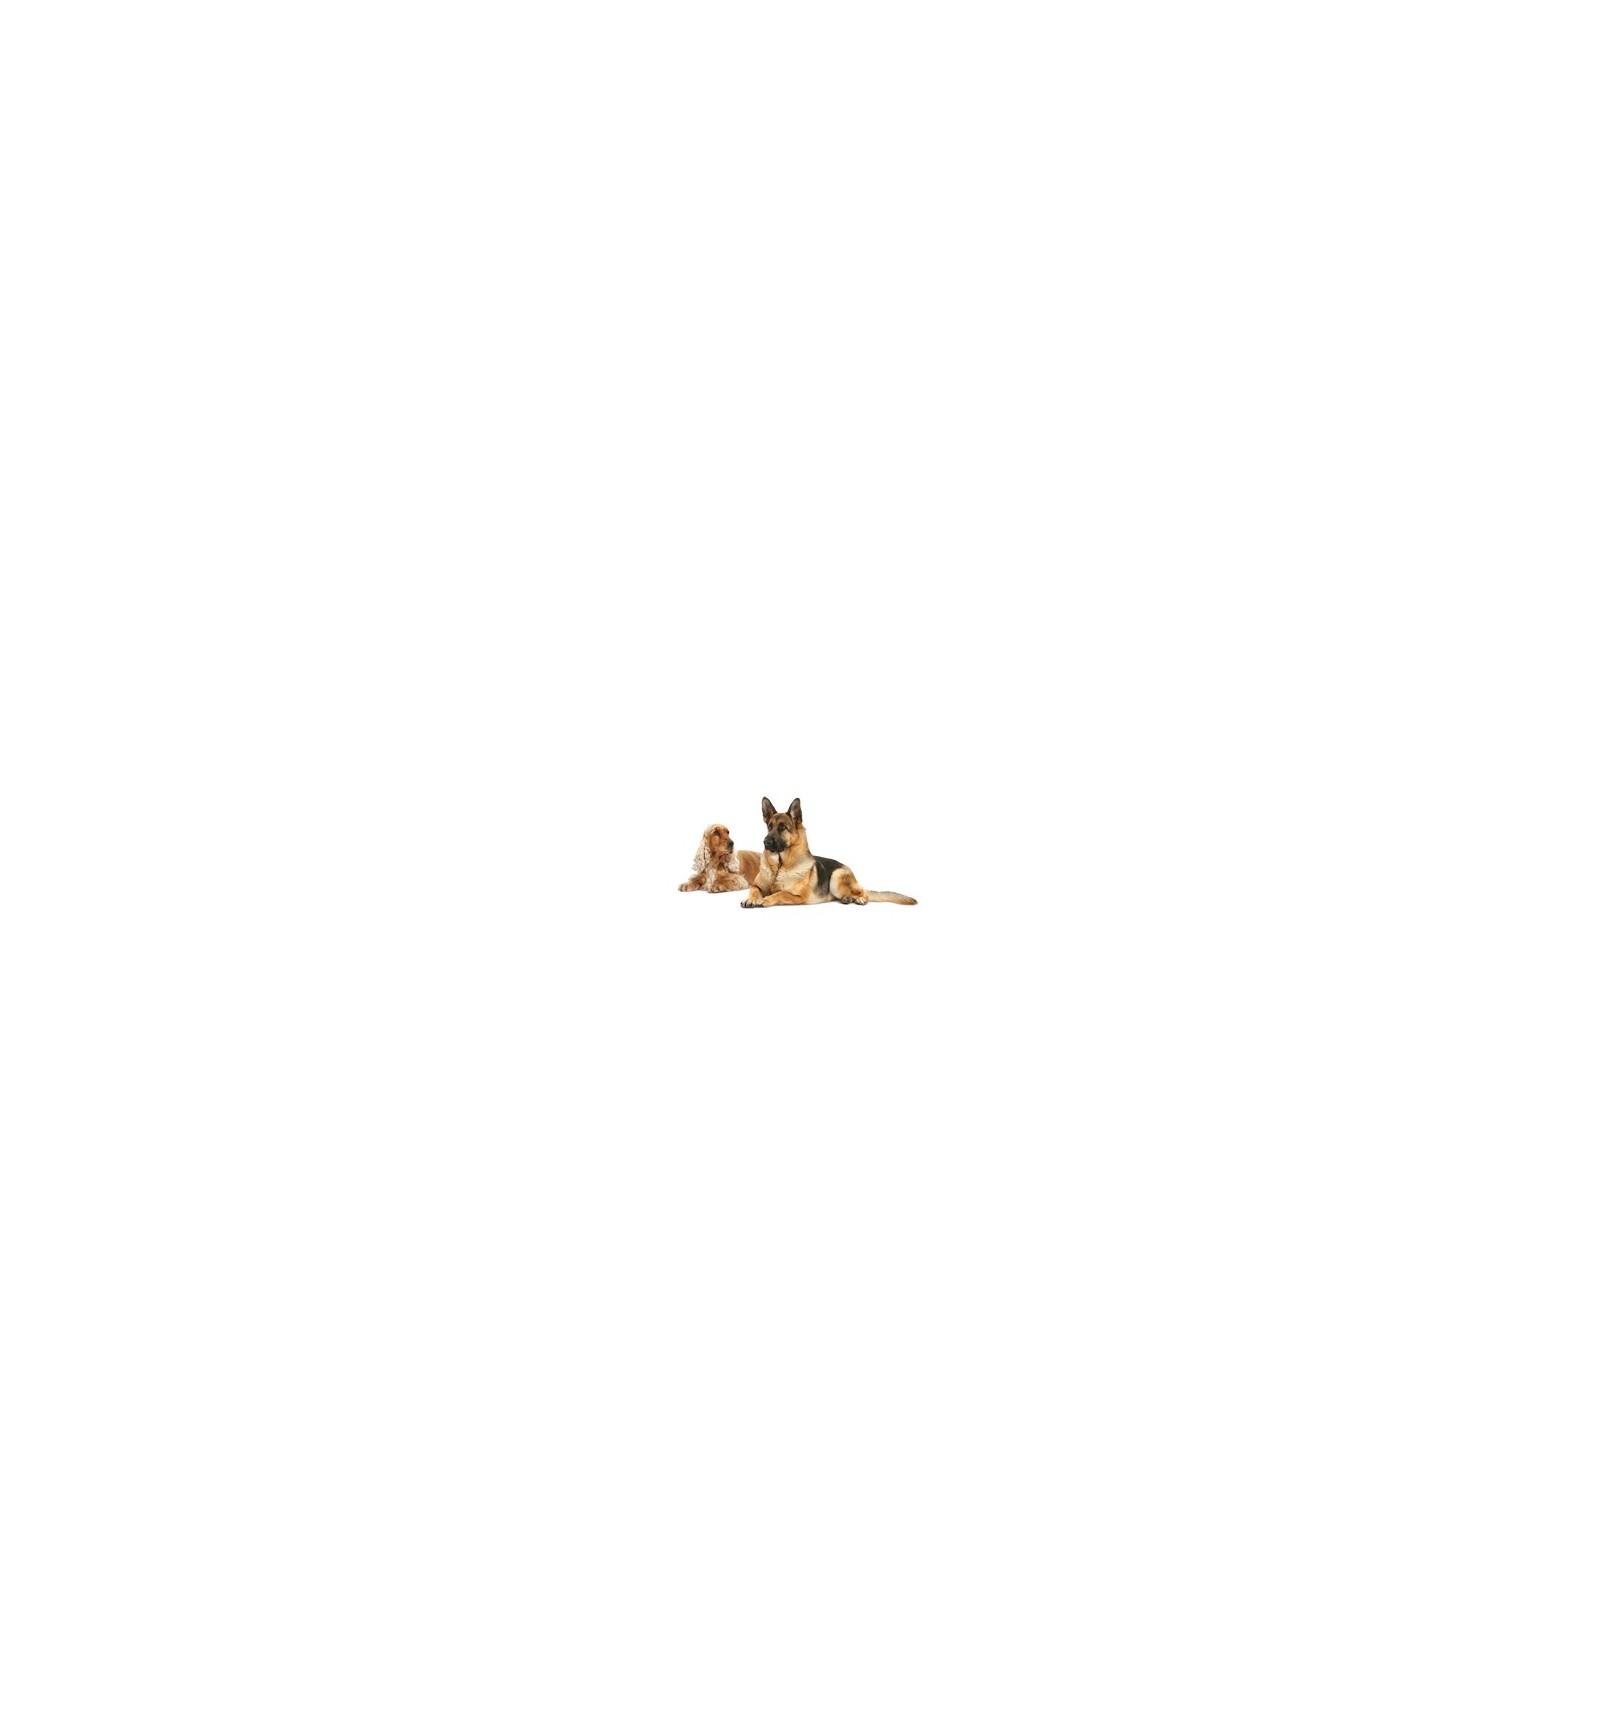 Babycat Instinctive- Dla kotw - Produkty - Royal